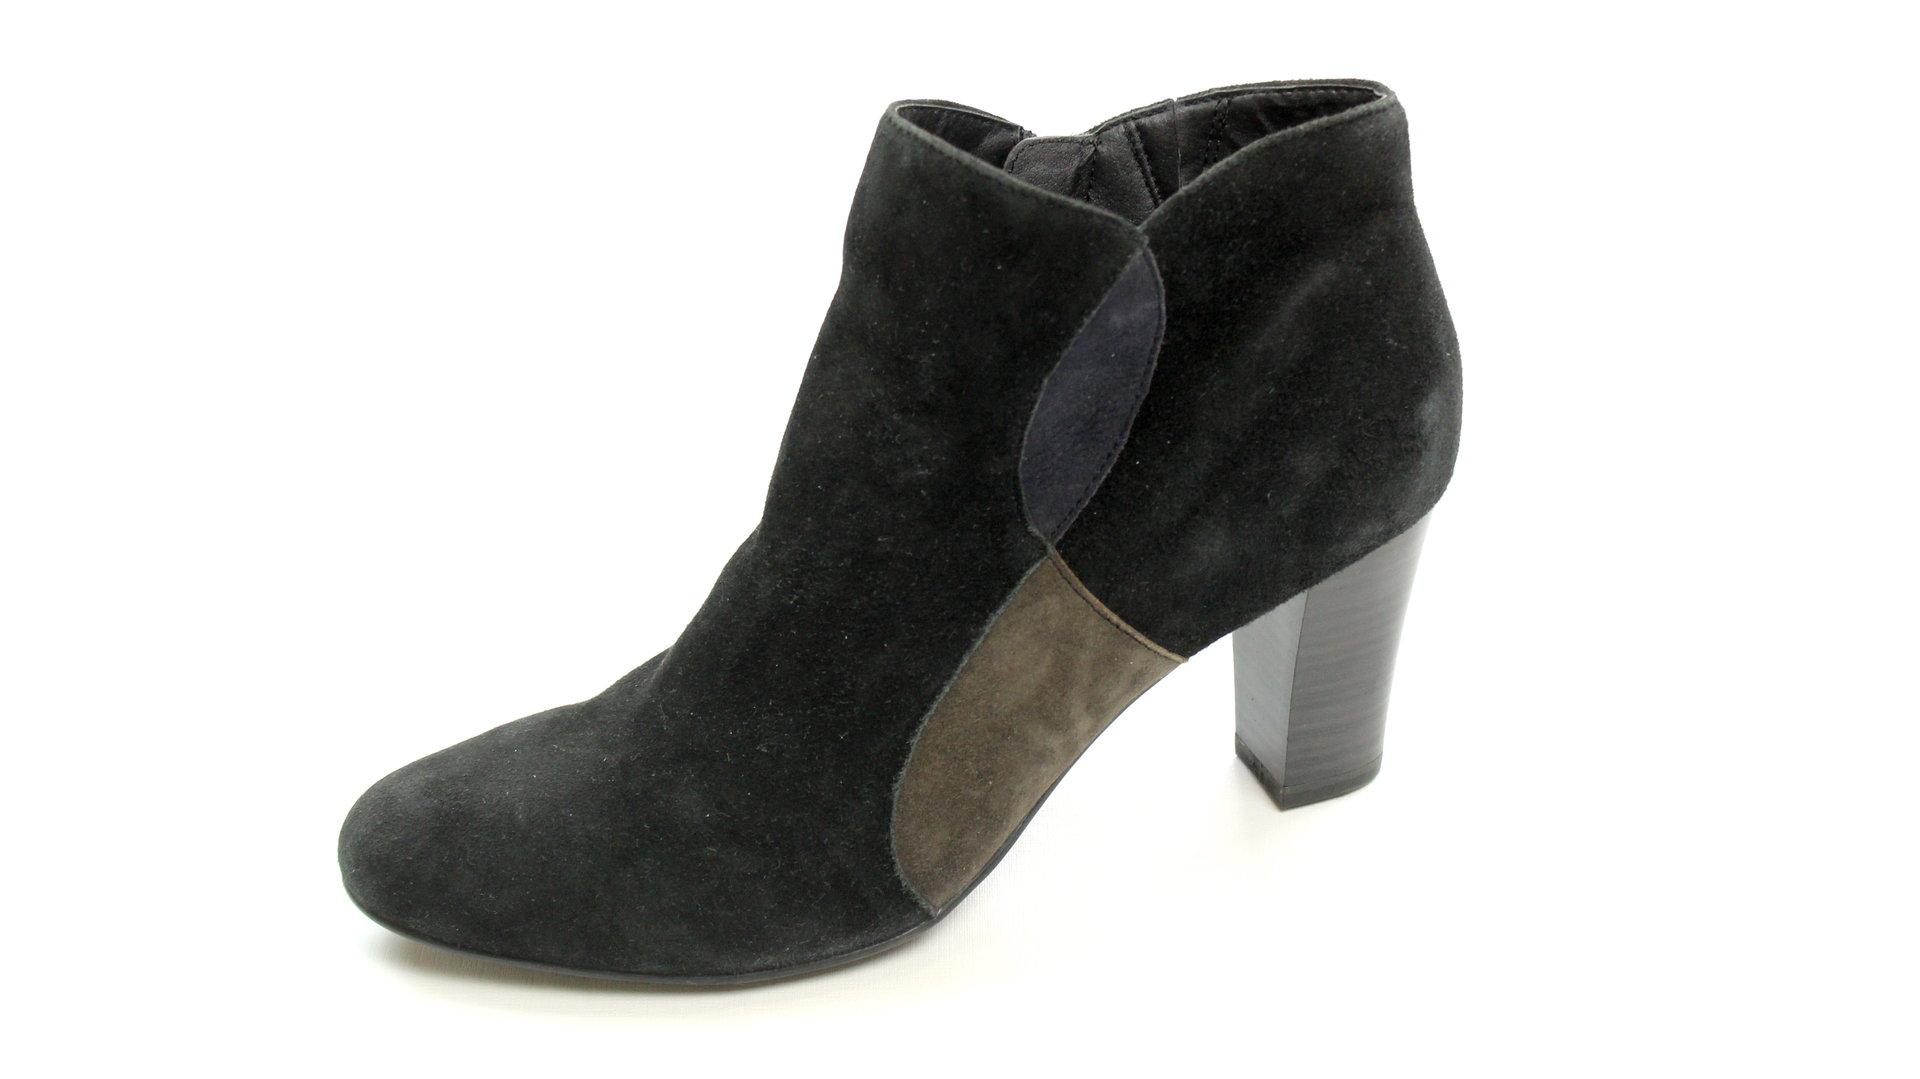 CAPRICE Ankle Boots Stiefeletten Wildleder schwarz 42